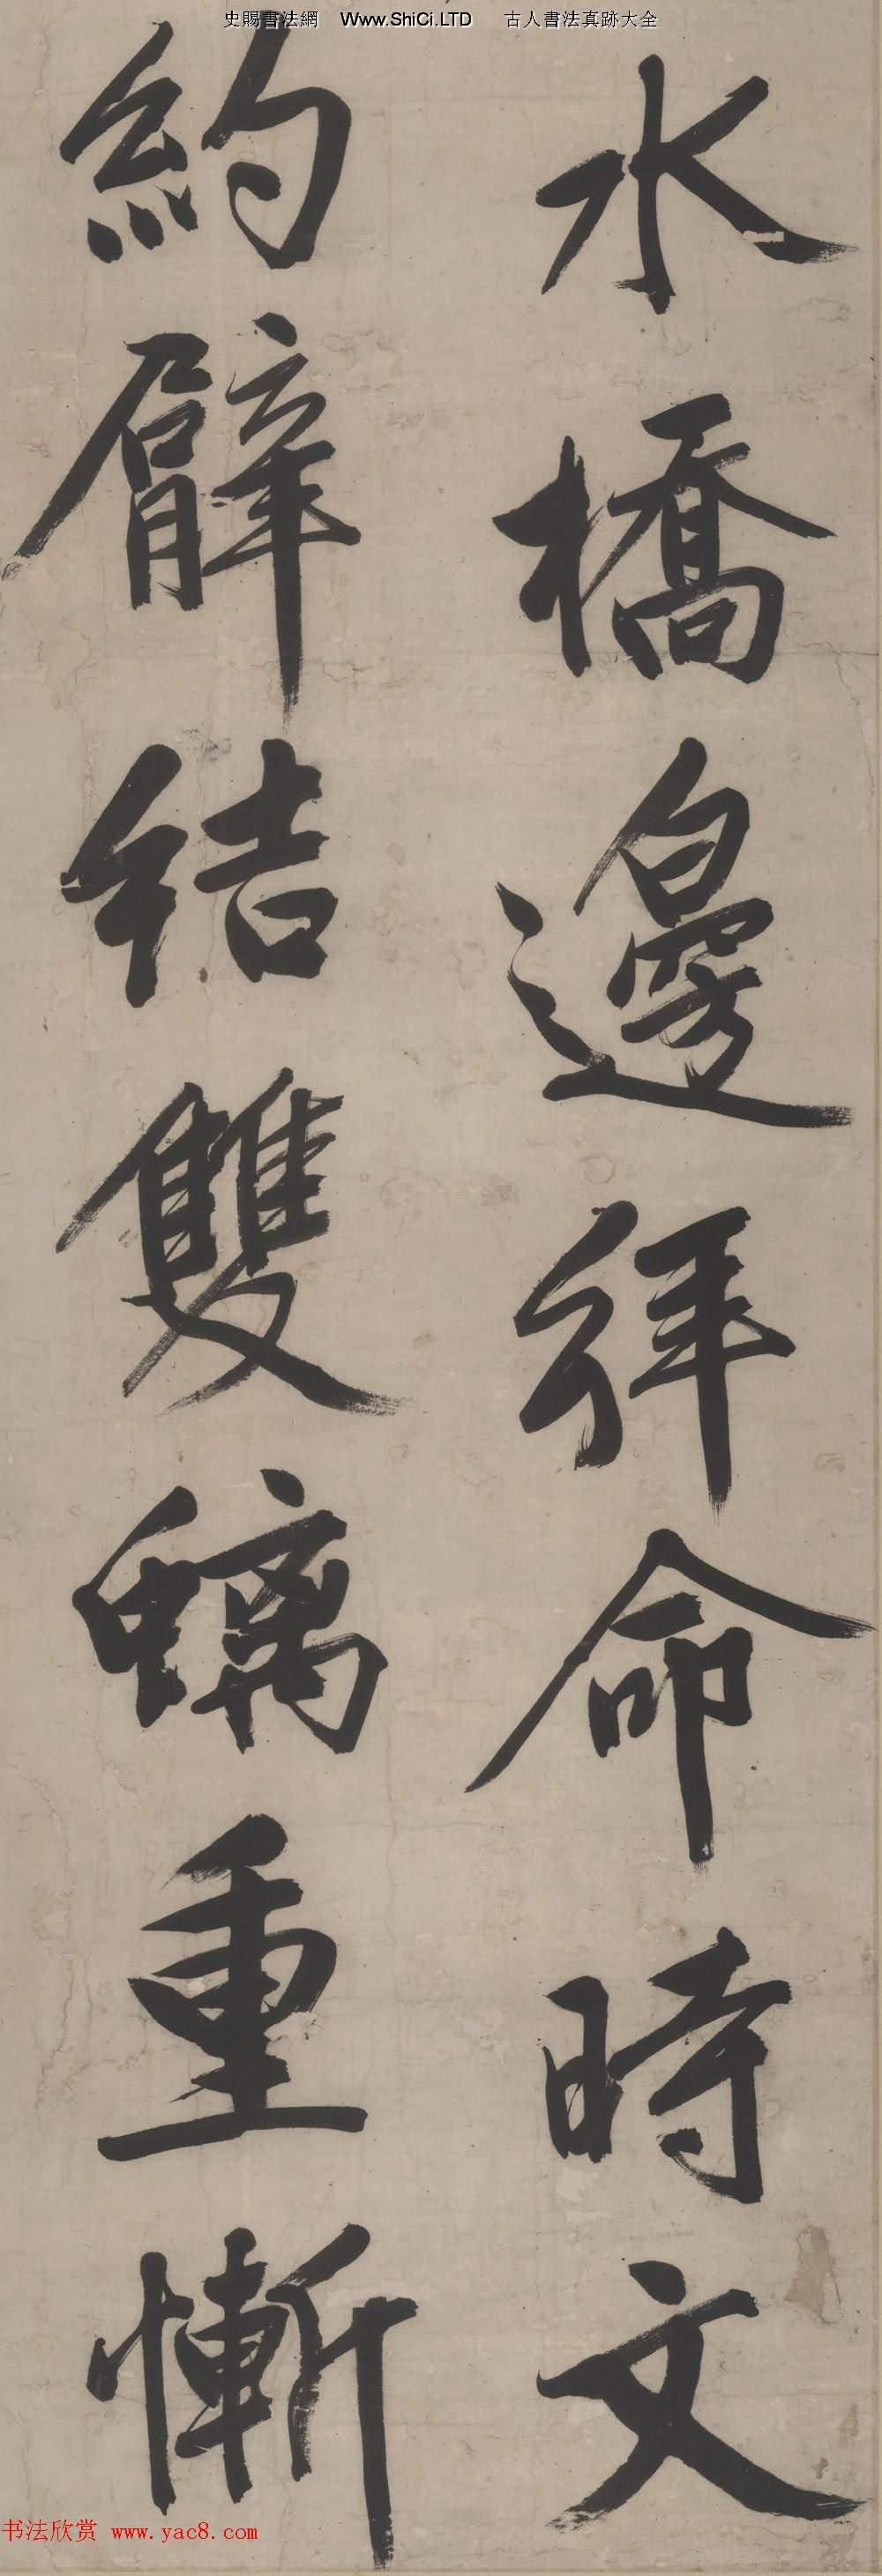 明代文征明行書作品七律詩掃瞄高清本